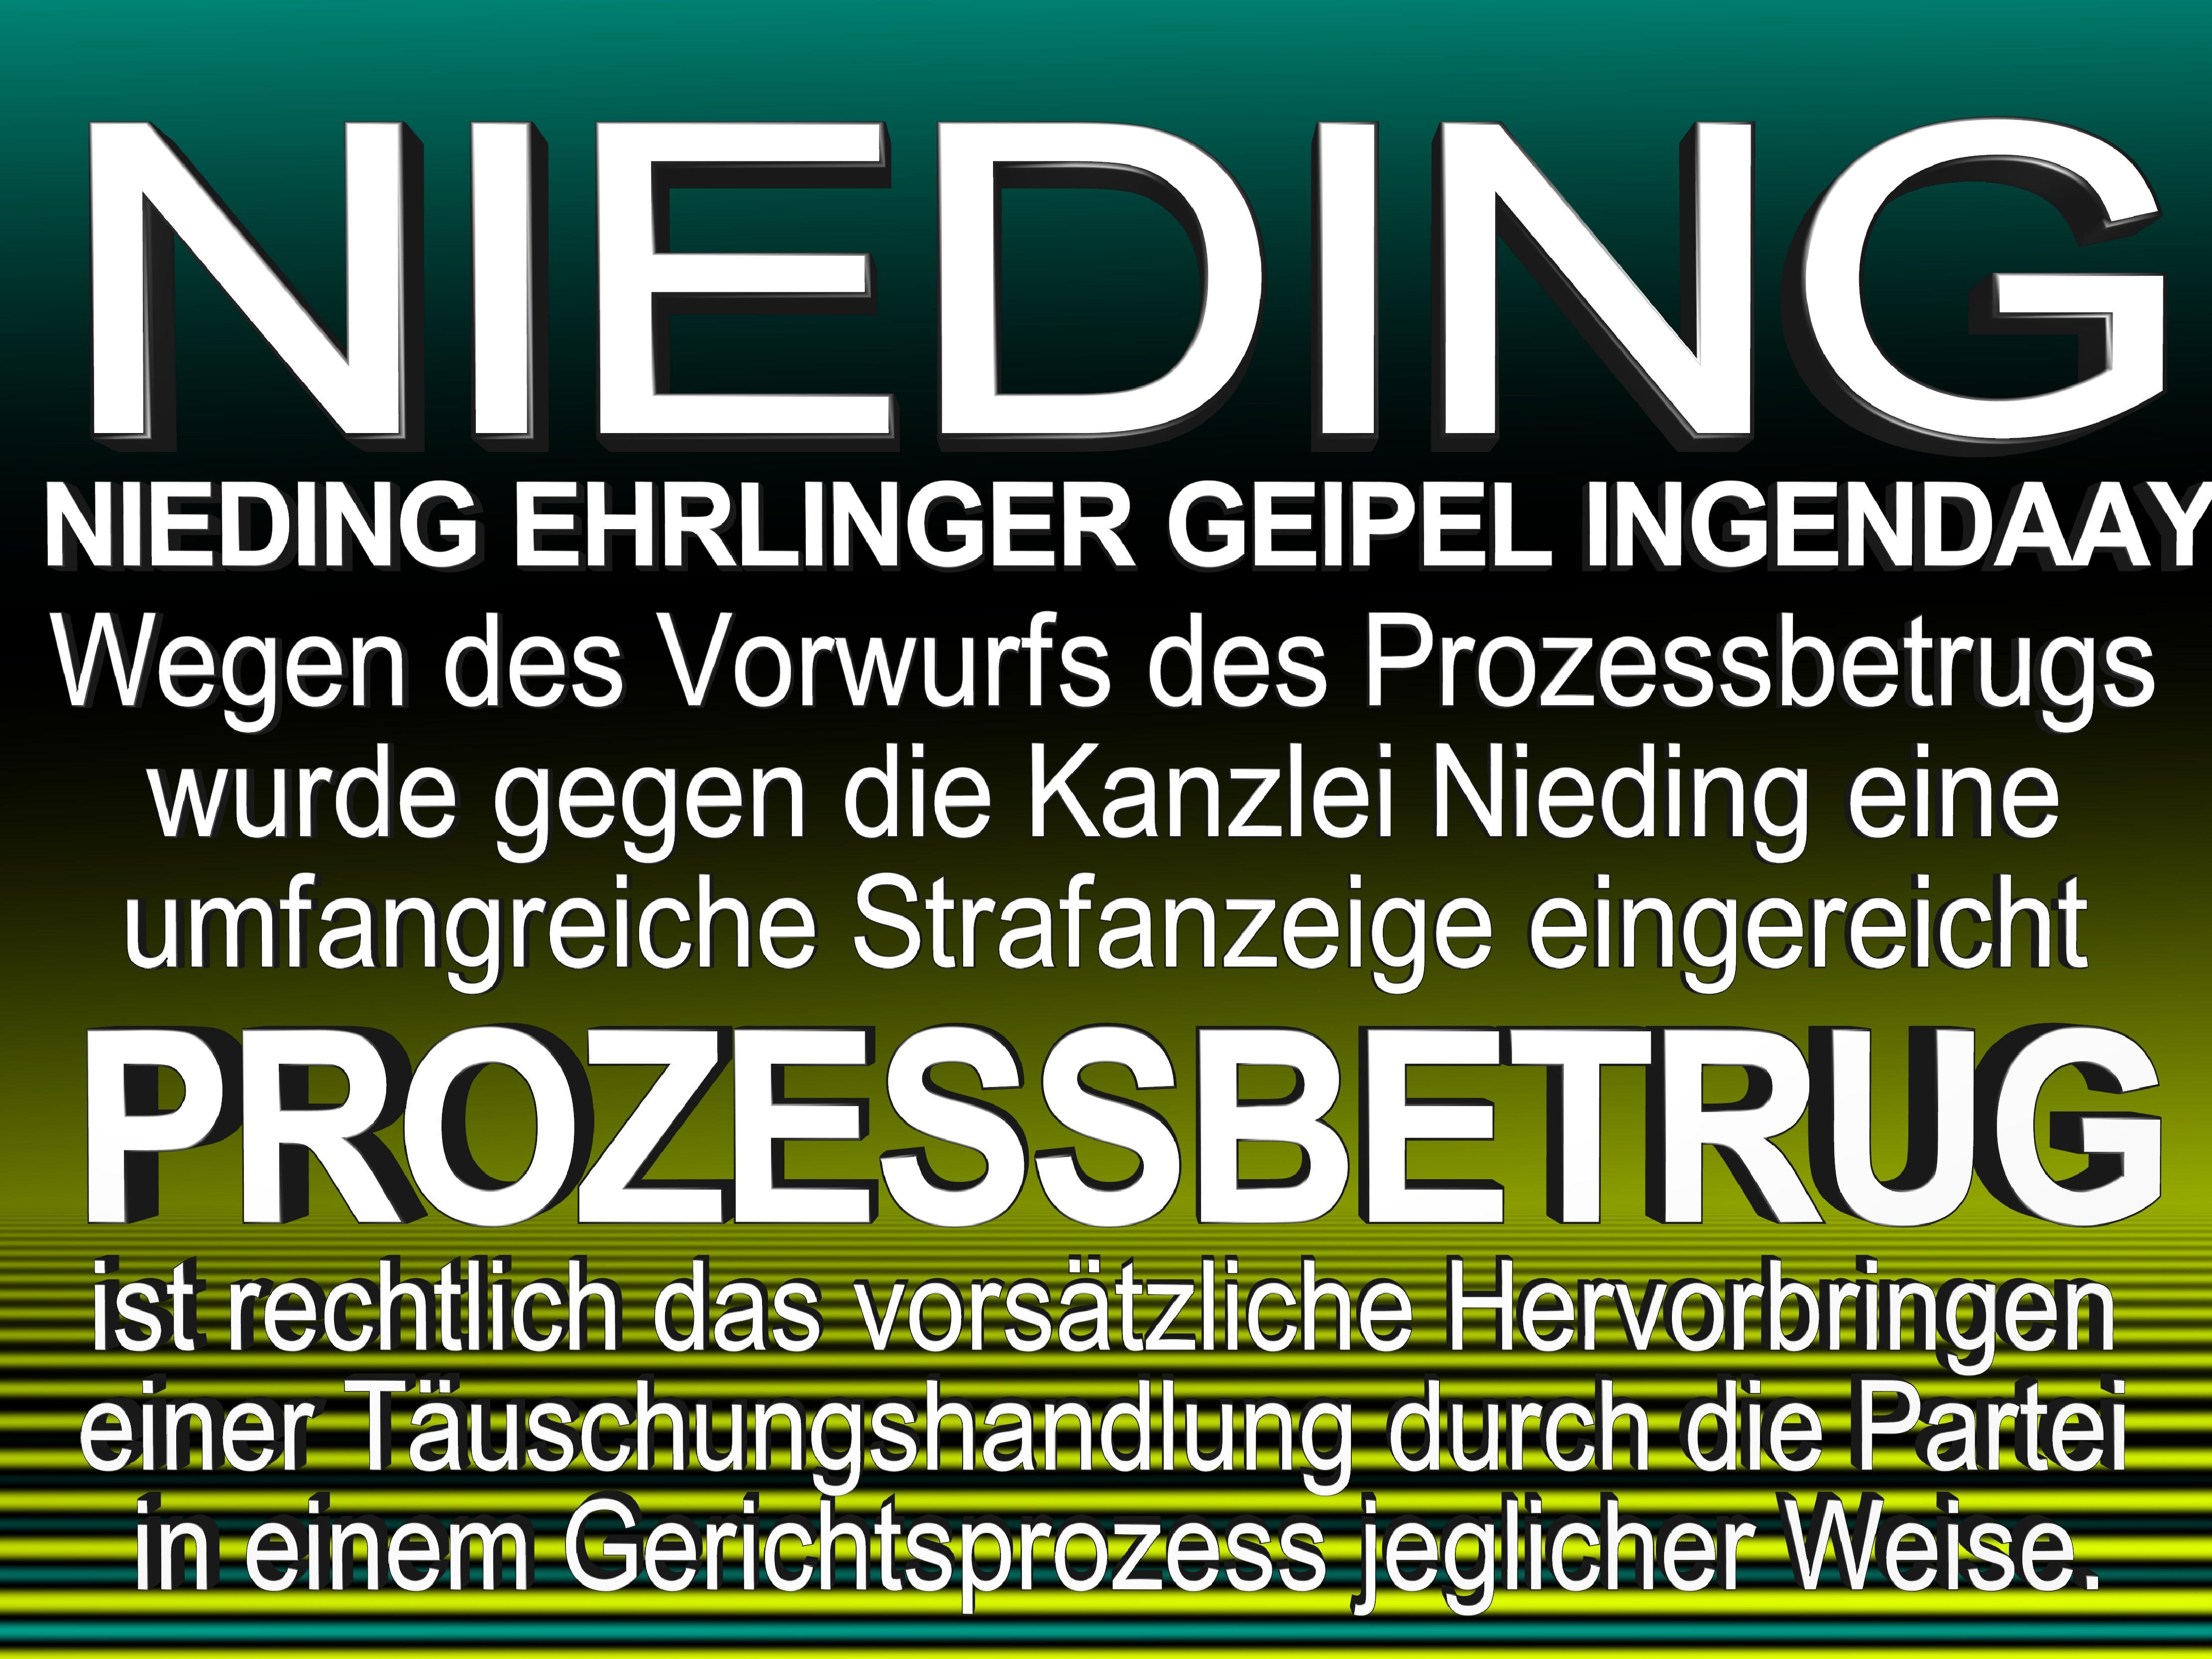 NIEDING EHRLINGER GEIPEL INGENDAAY LELKE Kurfürstendamm 66 Berlin (134)